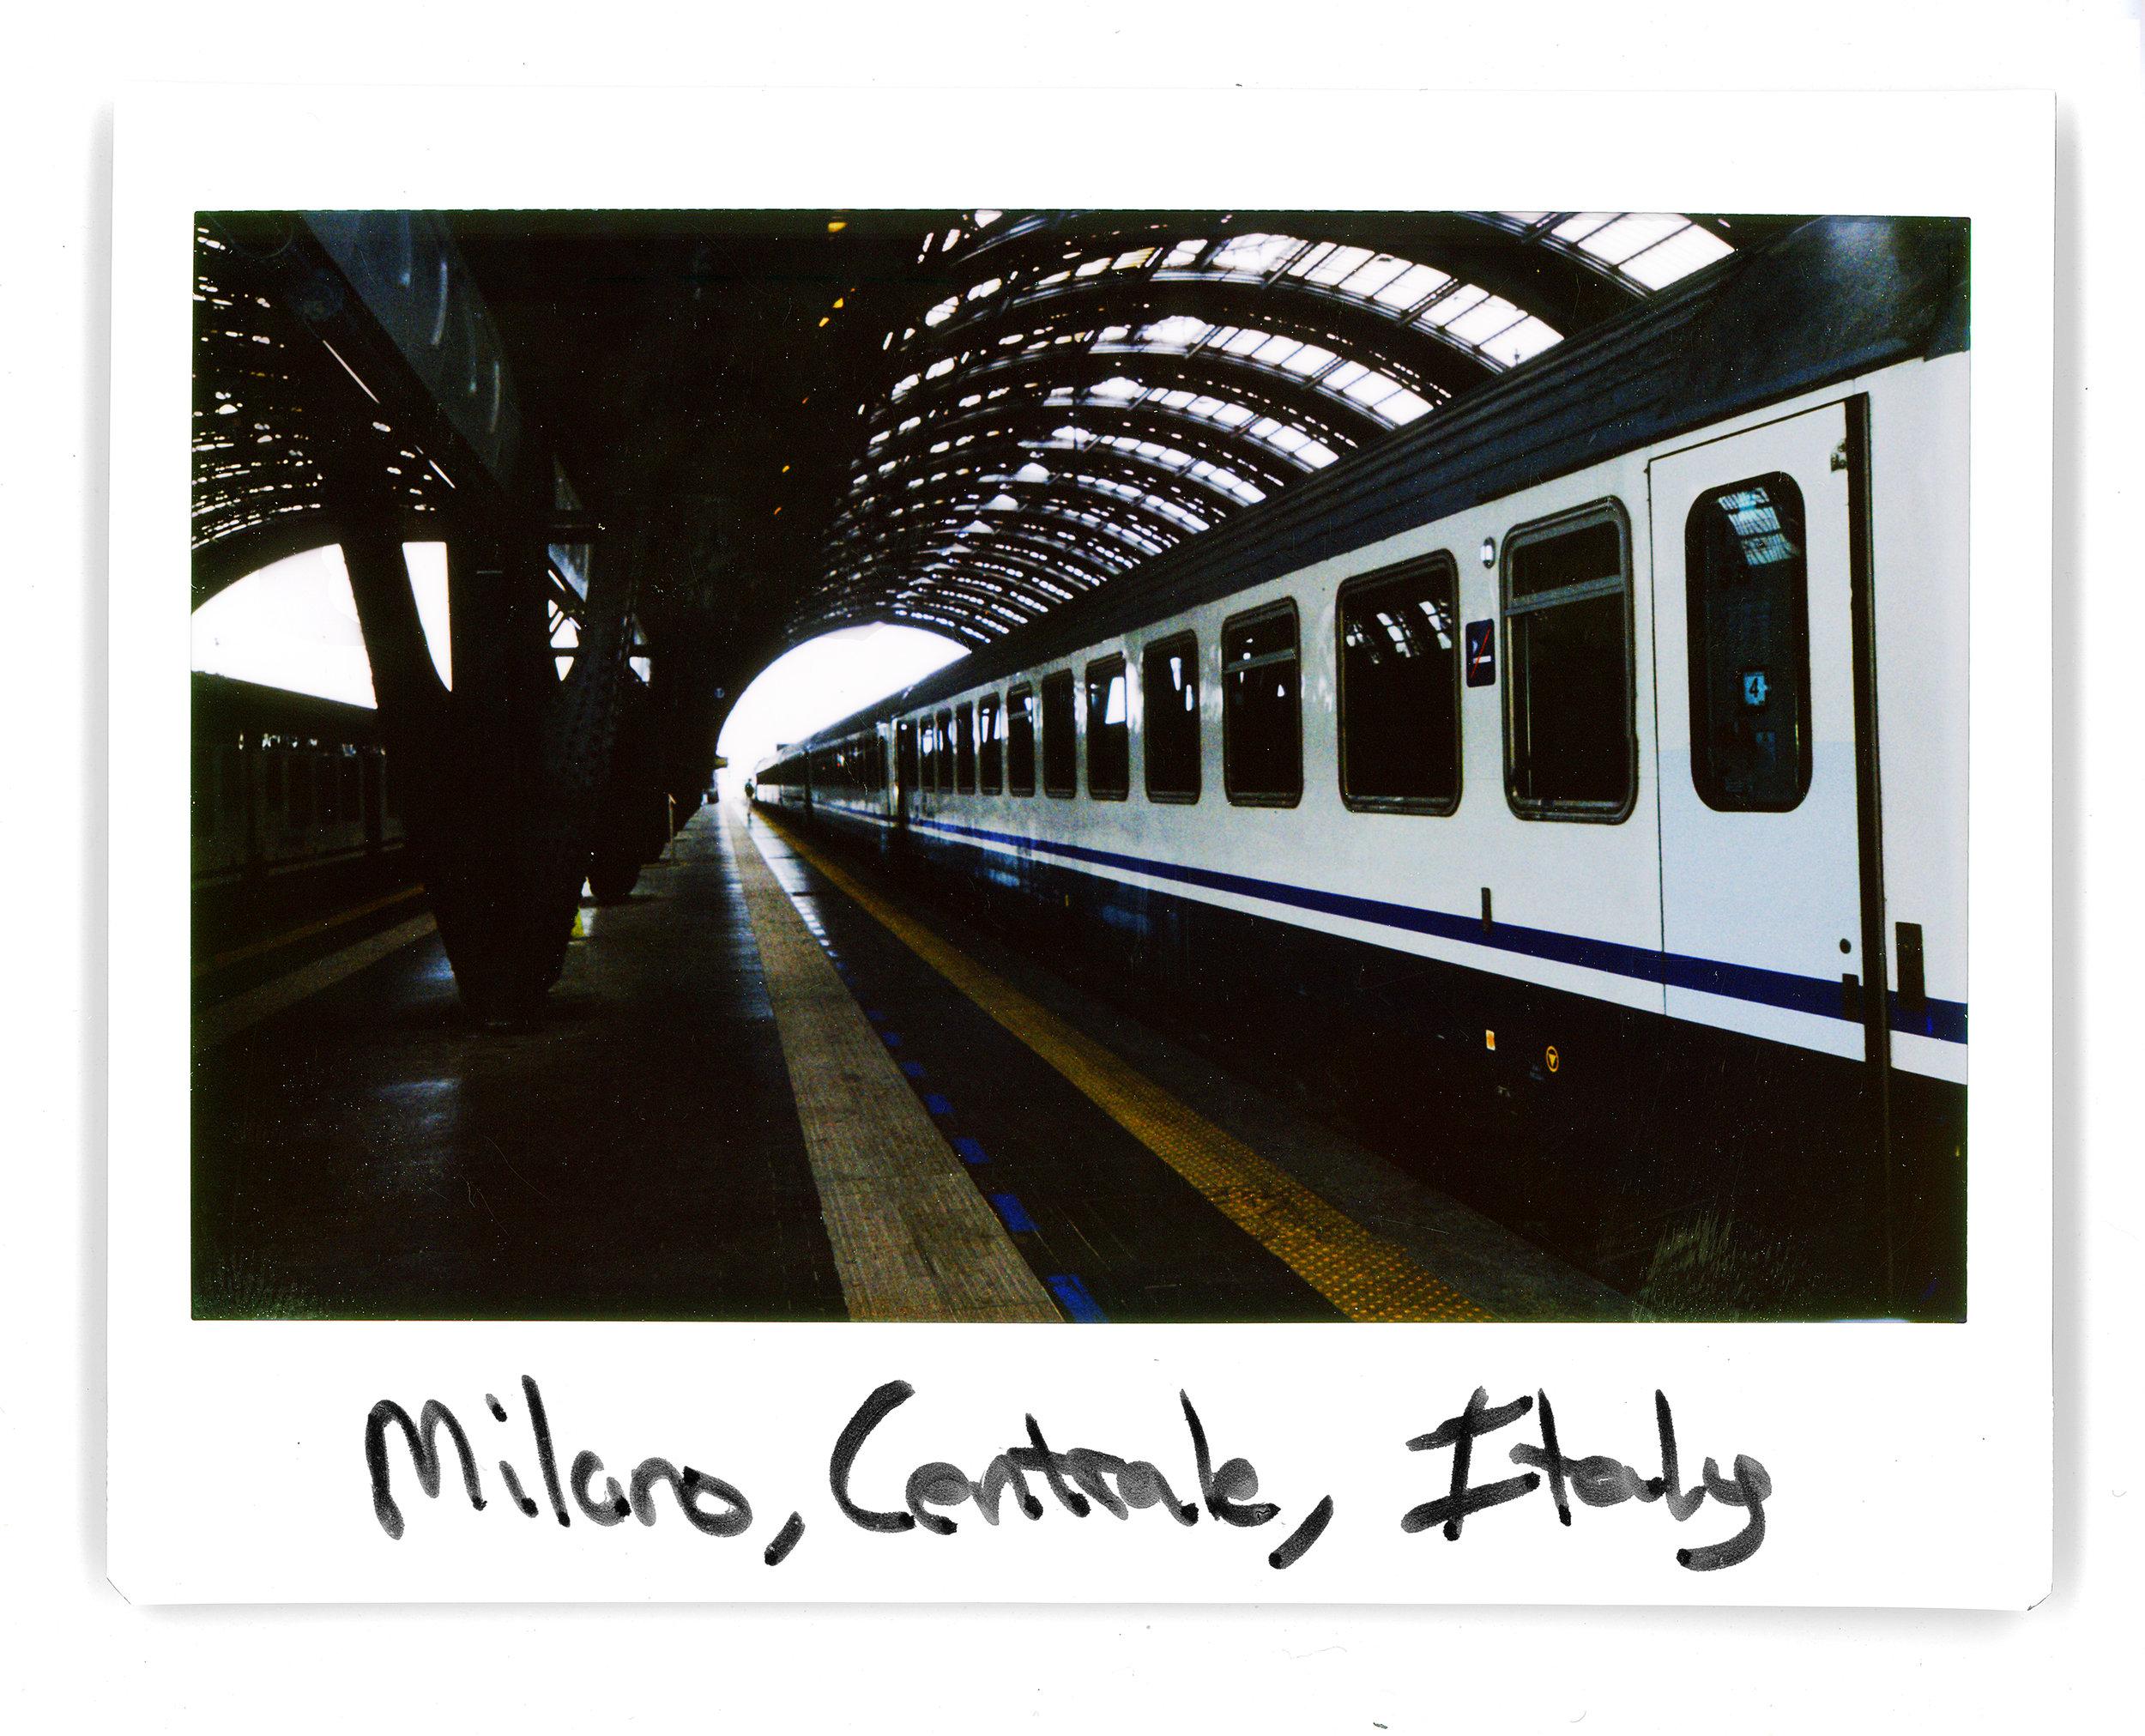 51_Milano_Centrale copy.jpg